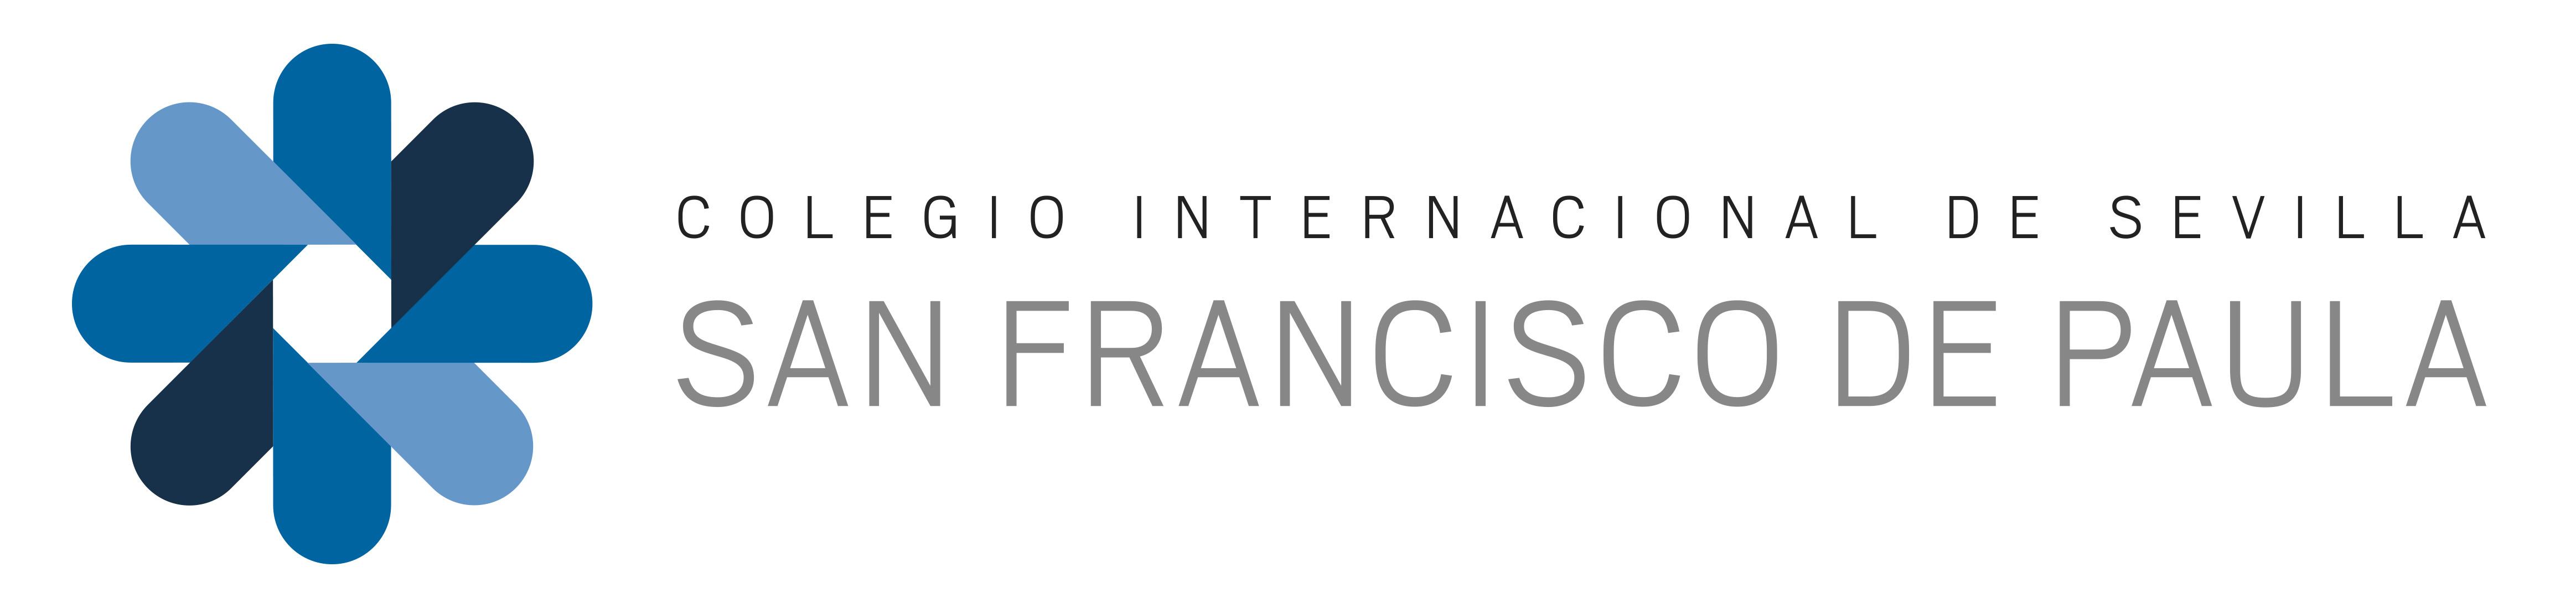 NOTA DE PRENSA: MÁS DE 1.200 ESTUDIANTES INICIAN EL CURSO EN EL COLEGIO DE SAN FRANCISCO DE PAULA, CON RÉCORD DE ALUMNOS DE NUEVO INGRESO, LA NUEVA FIGURA DEL JEFE DE EQUIPO DE INDIVIDUALIZACIÓN E INSTALACIONES DE RECREO MEJORADAS